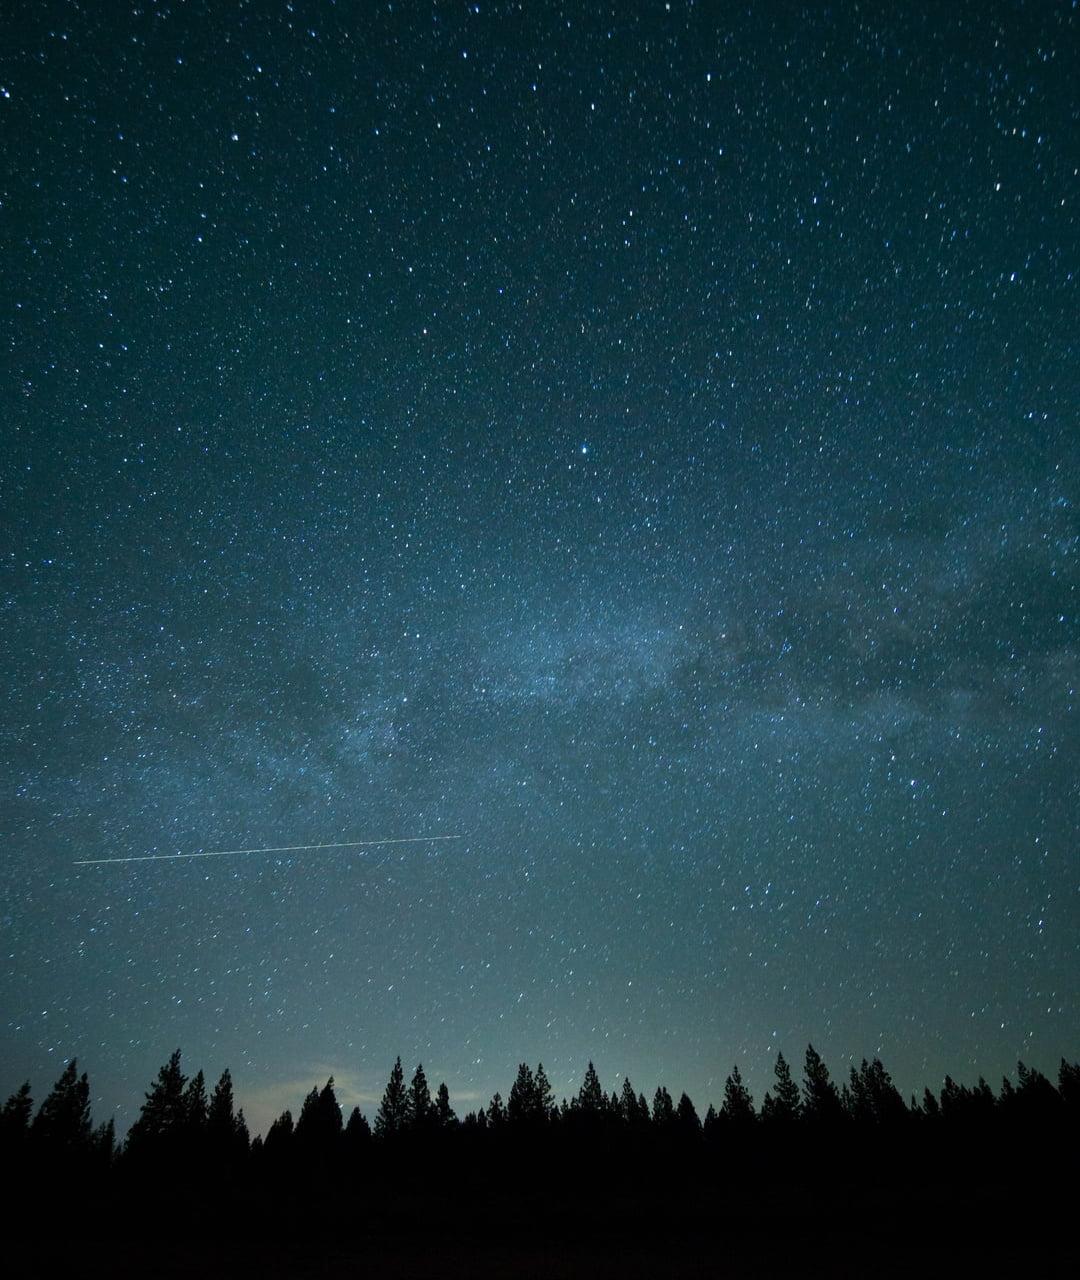 Bu gece Gökyüzünde Bir Dilek Tutacağım